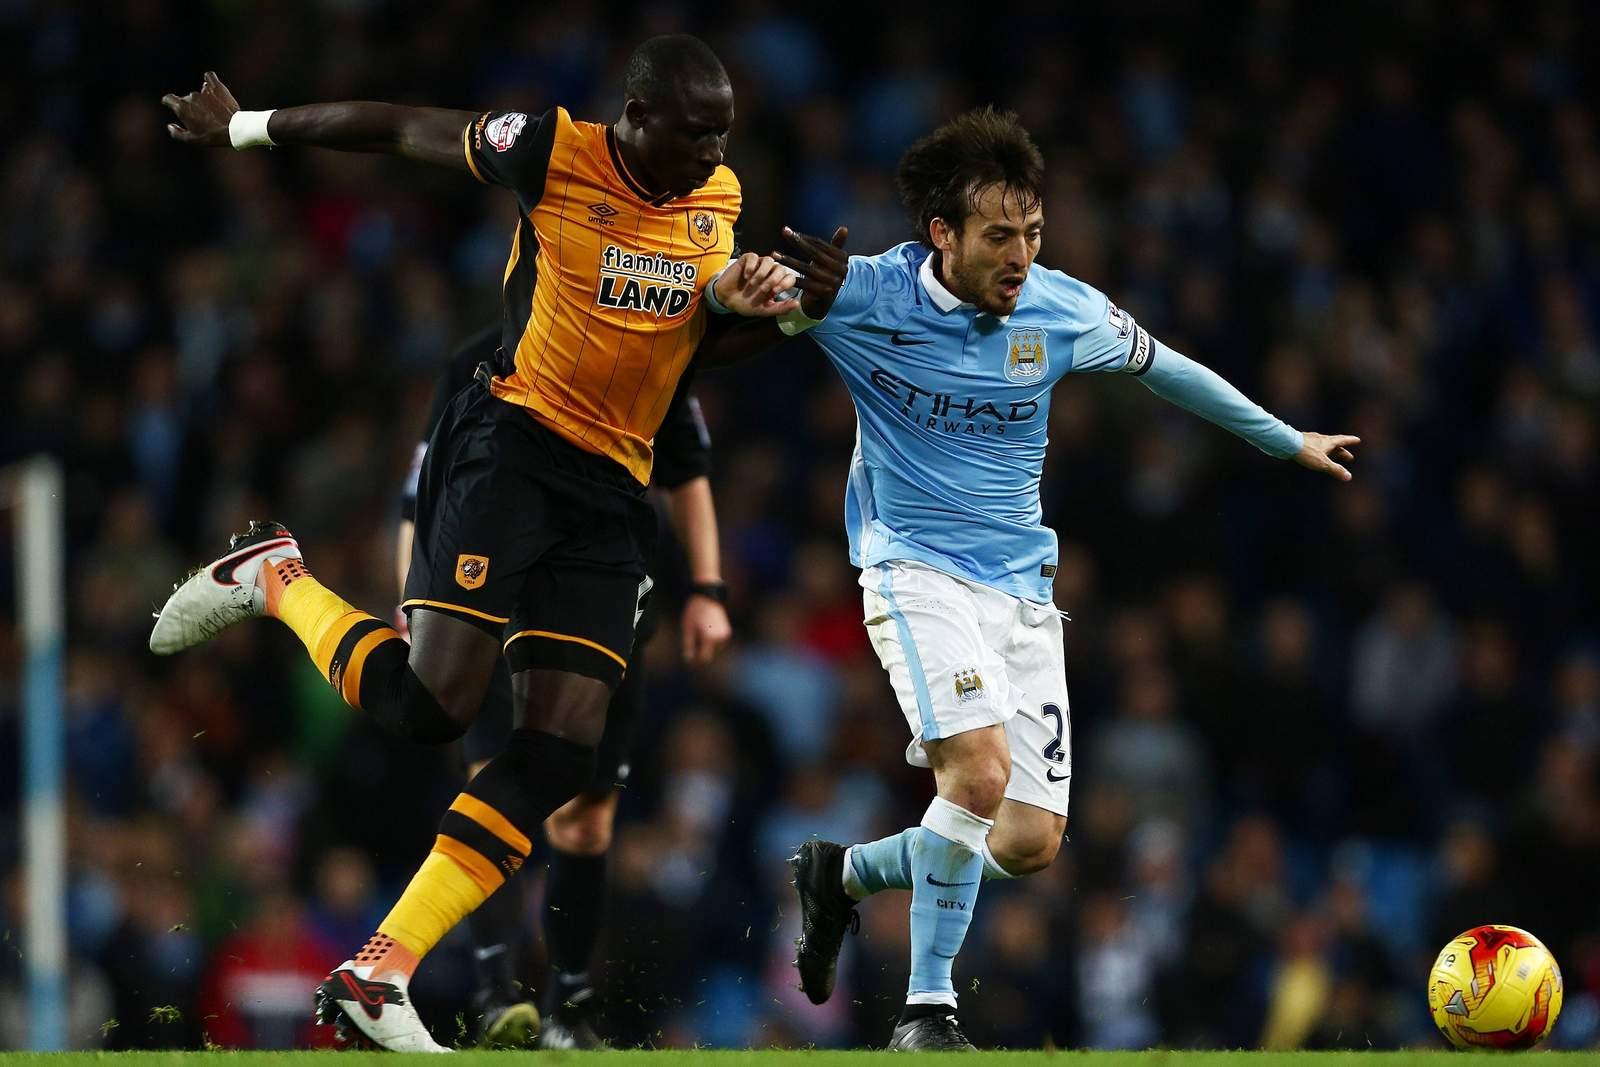 Setzt sich Diame gegen Silva durch? Jetzt auf Hull gegen Man City wetten